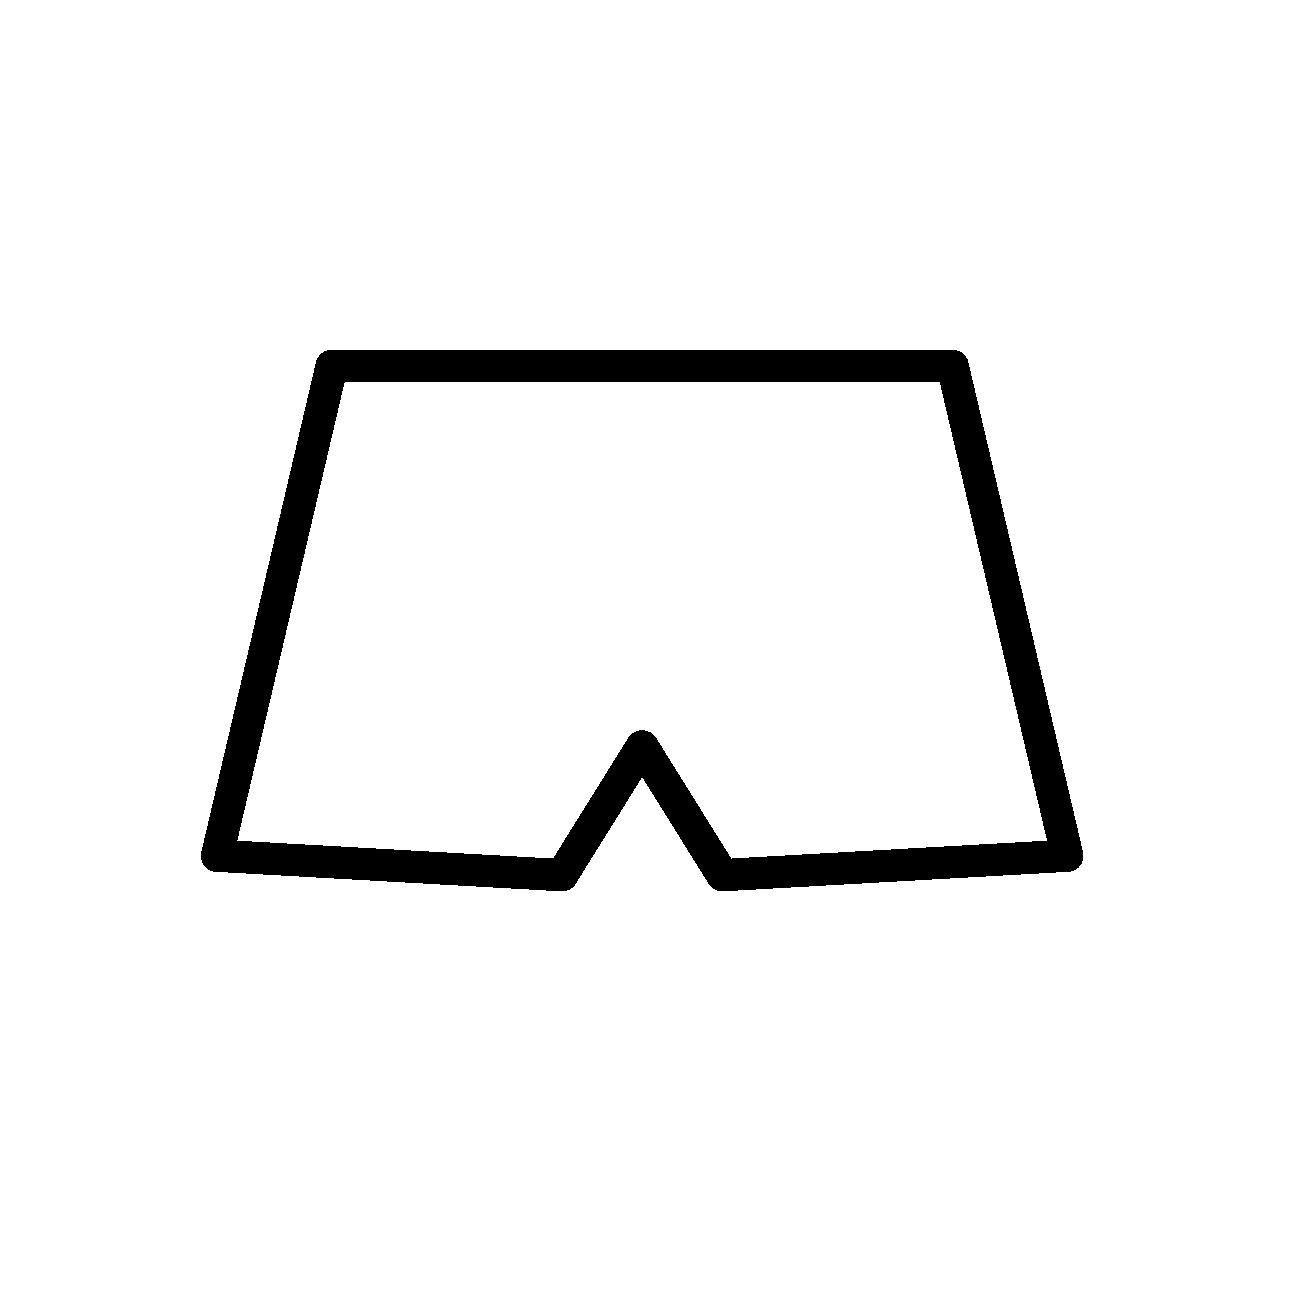 腹巻 アイコン